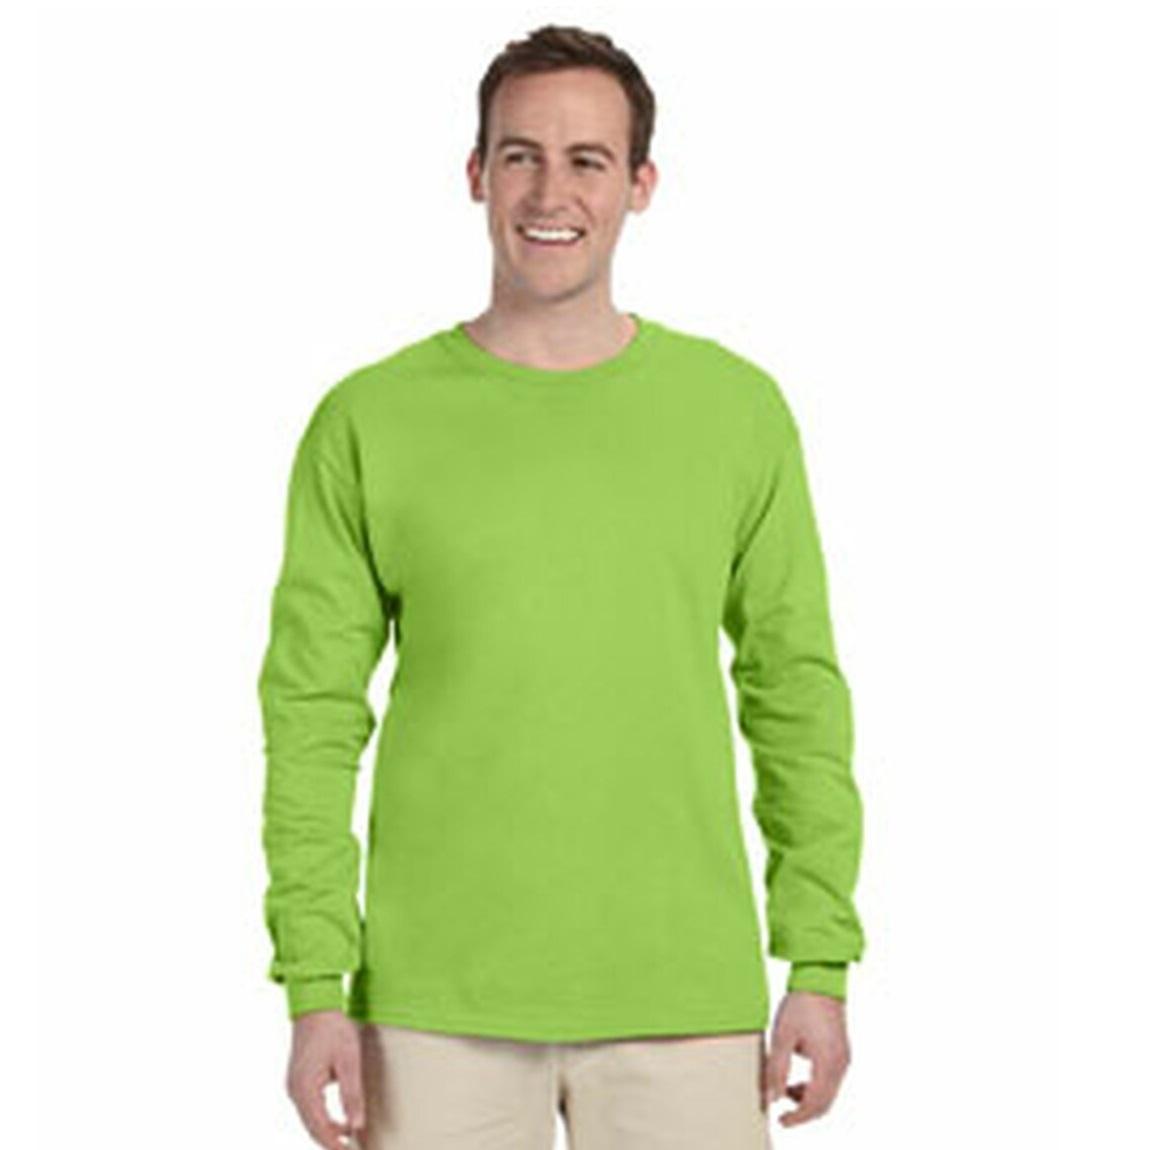 miniature 3 - T-shirt-uni-a-manches-longues-Gildan-100-coton-pour-homme-S-2XL-BC477